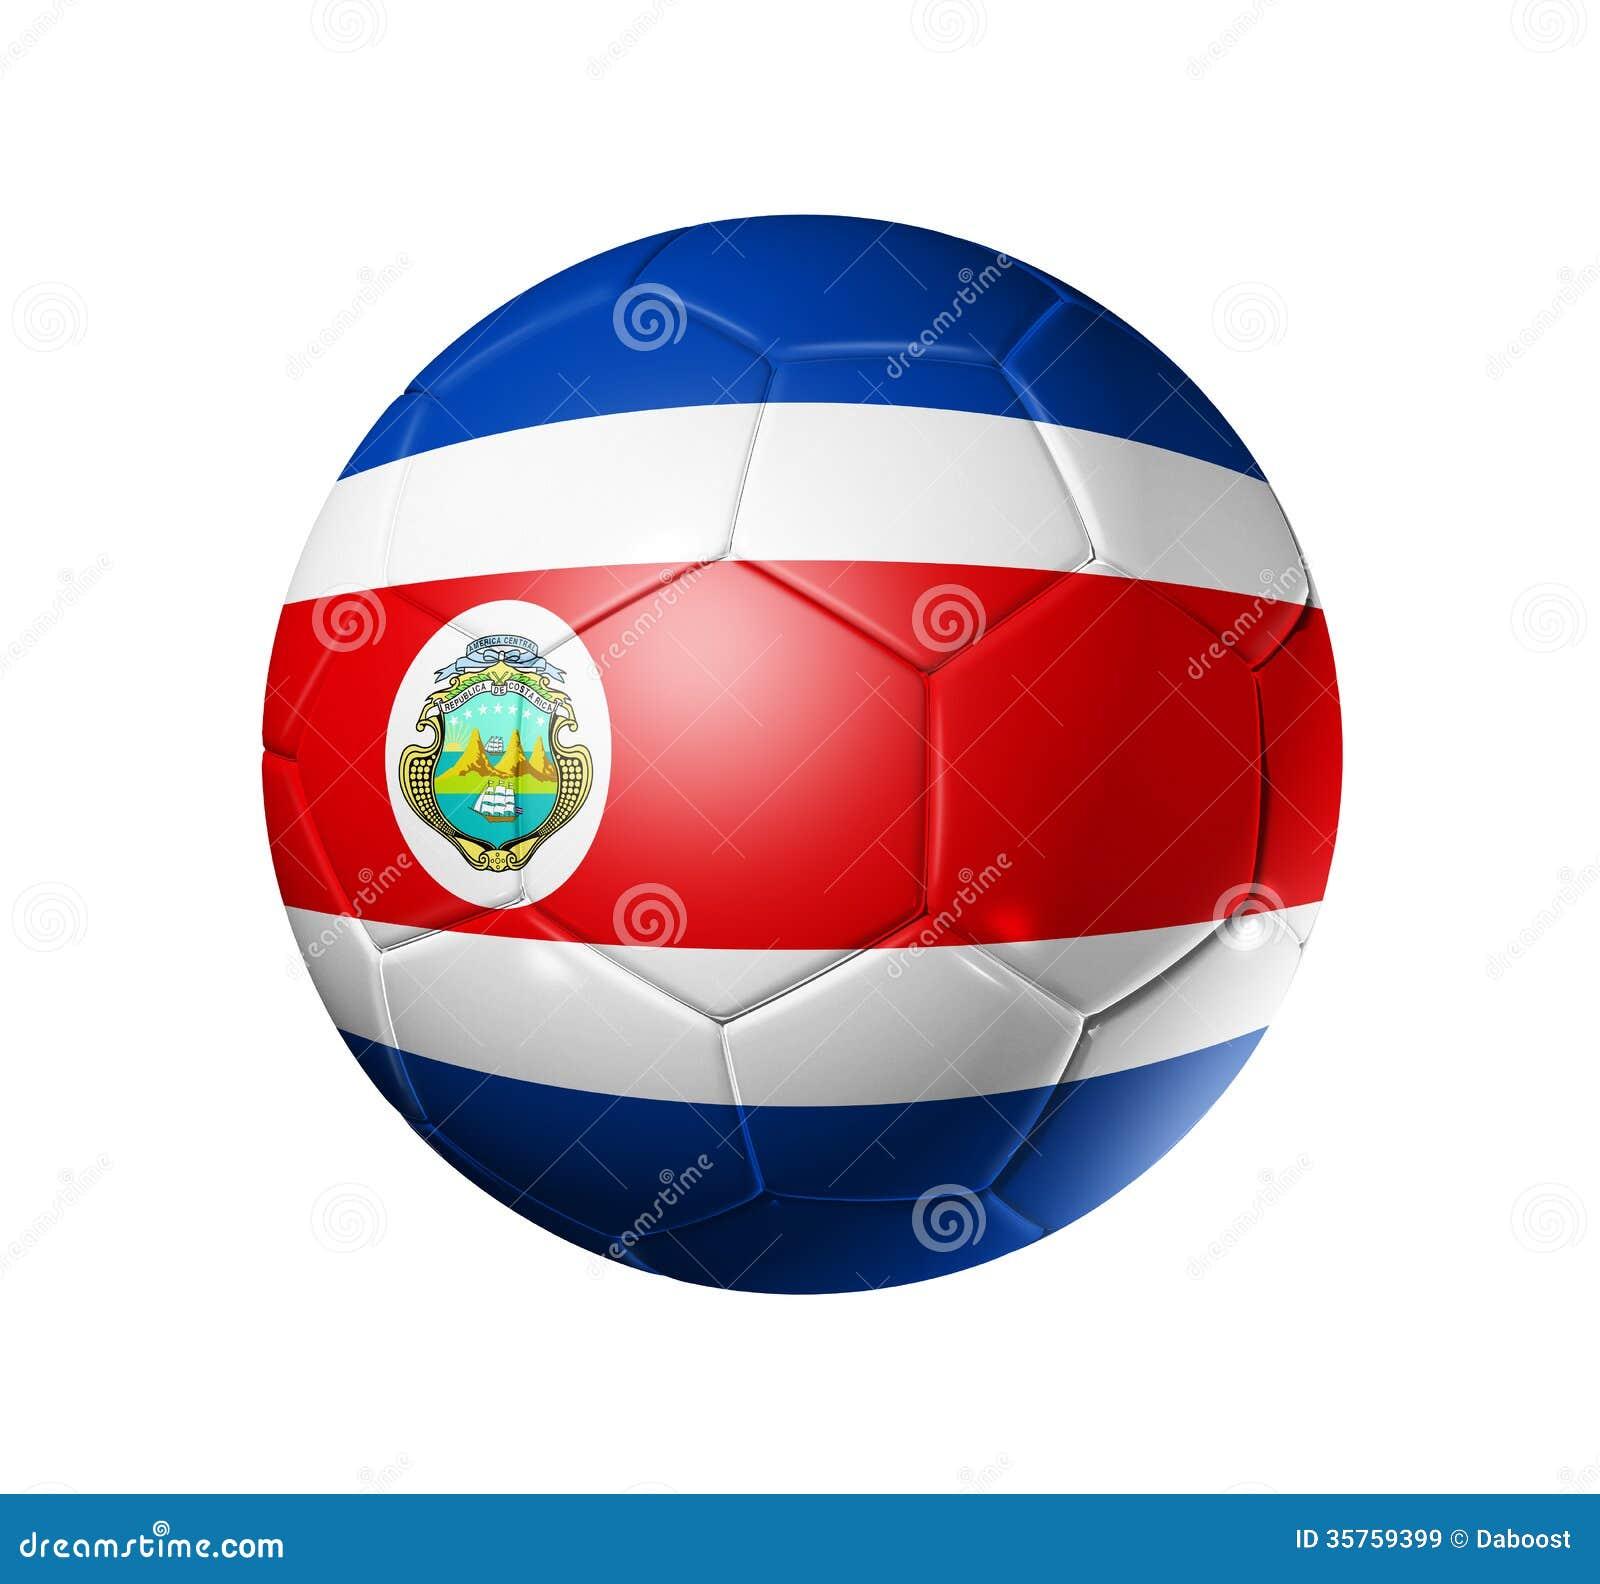 d5e463a9112af Balón de fútbol 3D con la bandera del equipo de Costa Rica. aislado en  blanco con la trayectoria de recortes